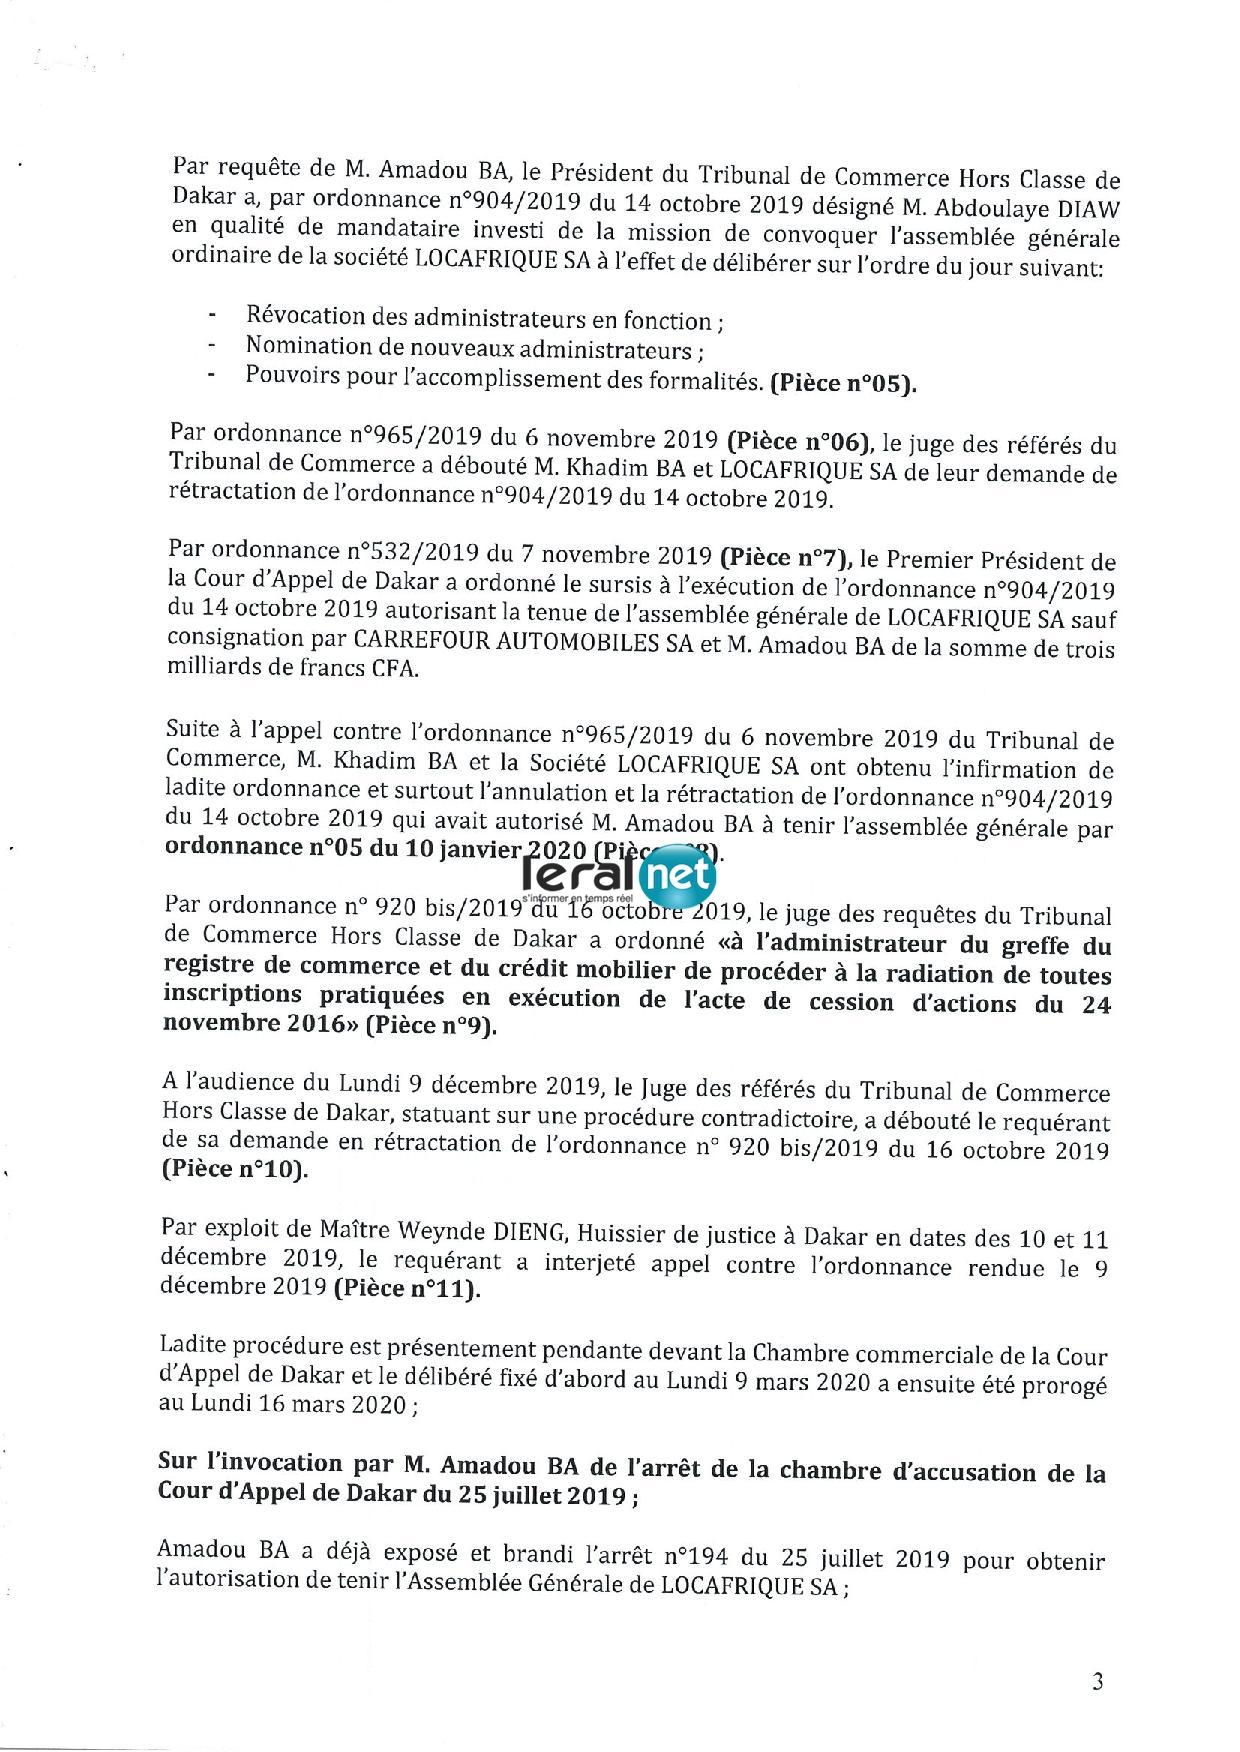 Gros scandale à la SAR entre le PCA, le DG et Amadou Bâ